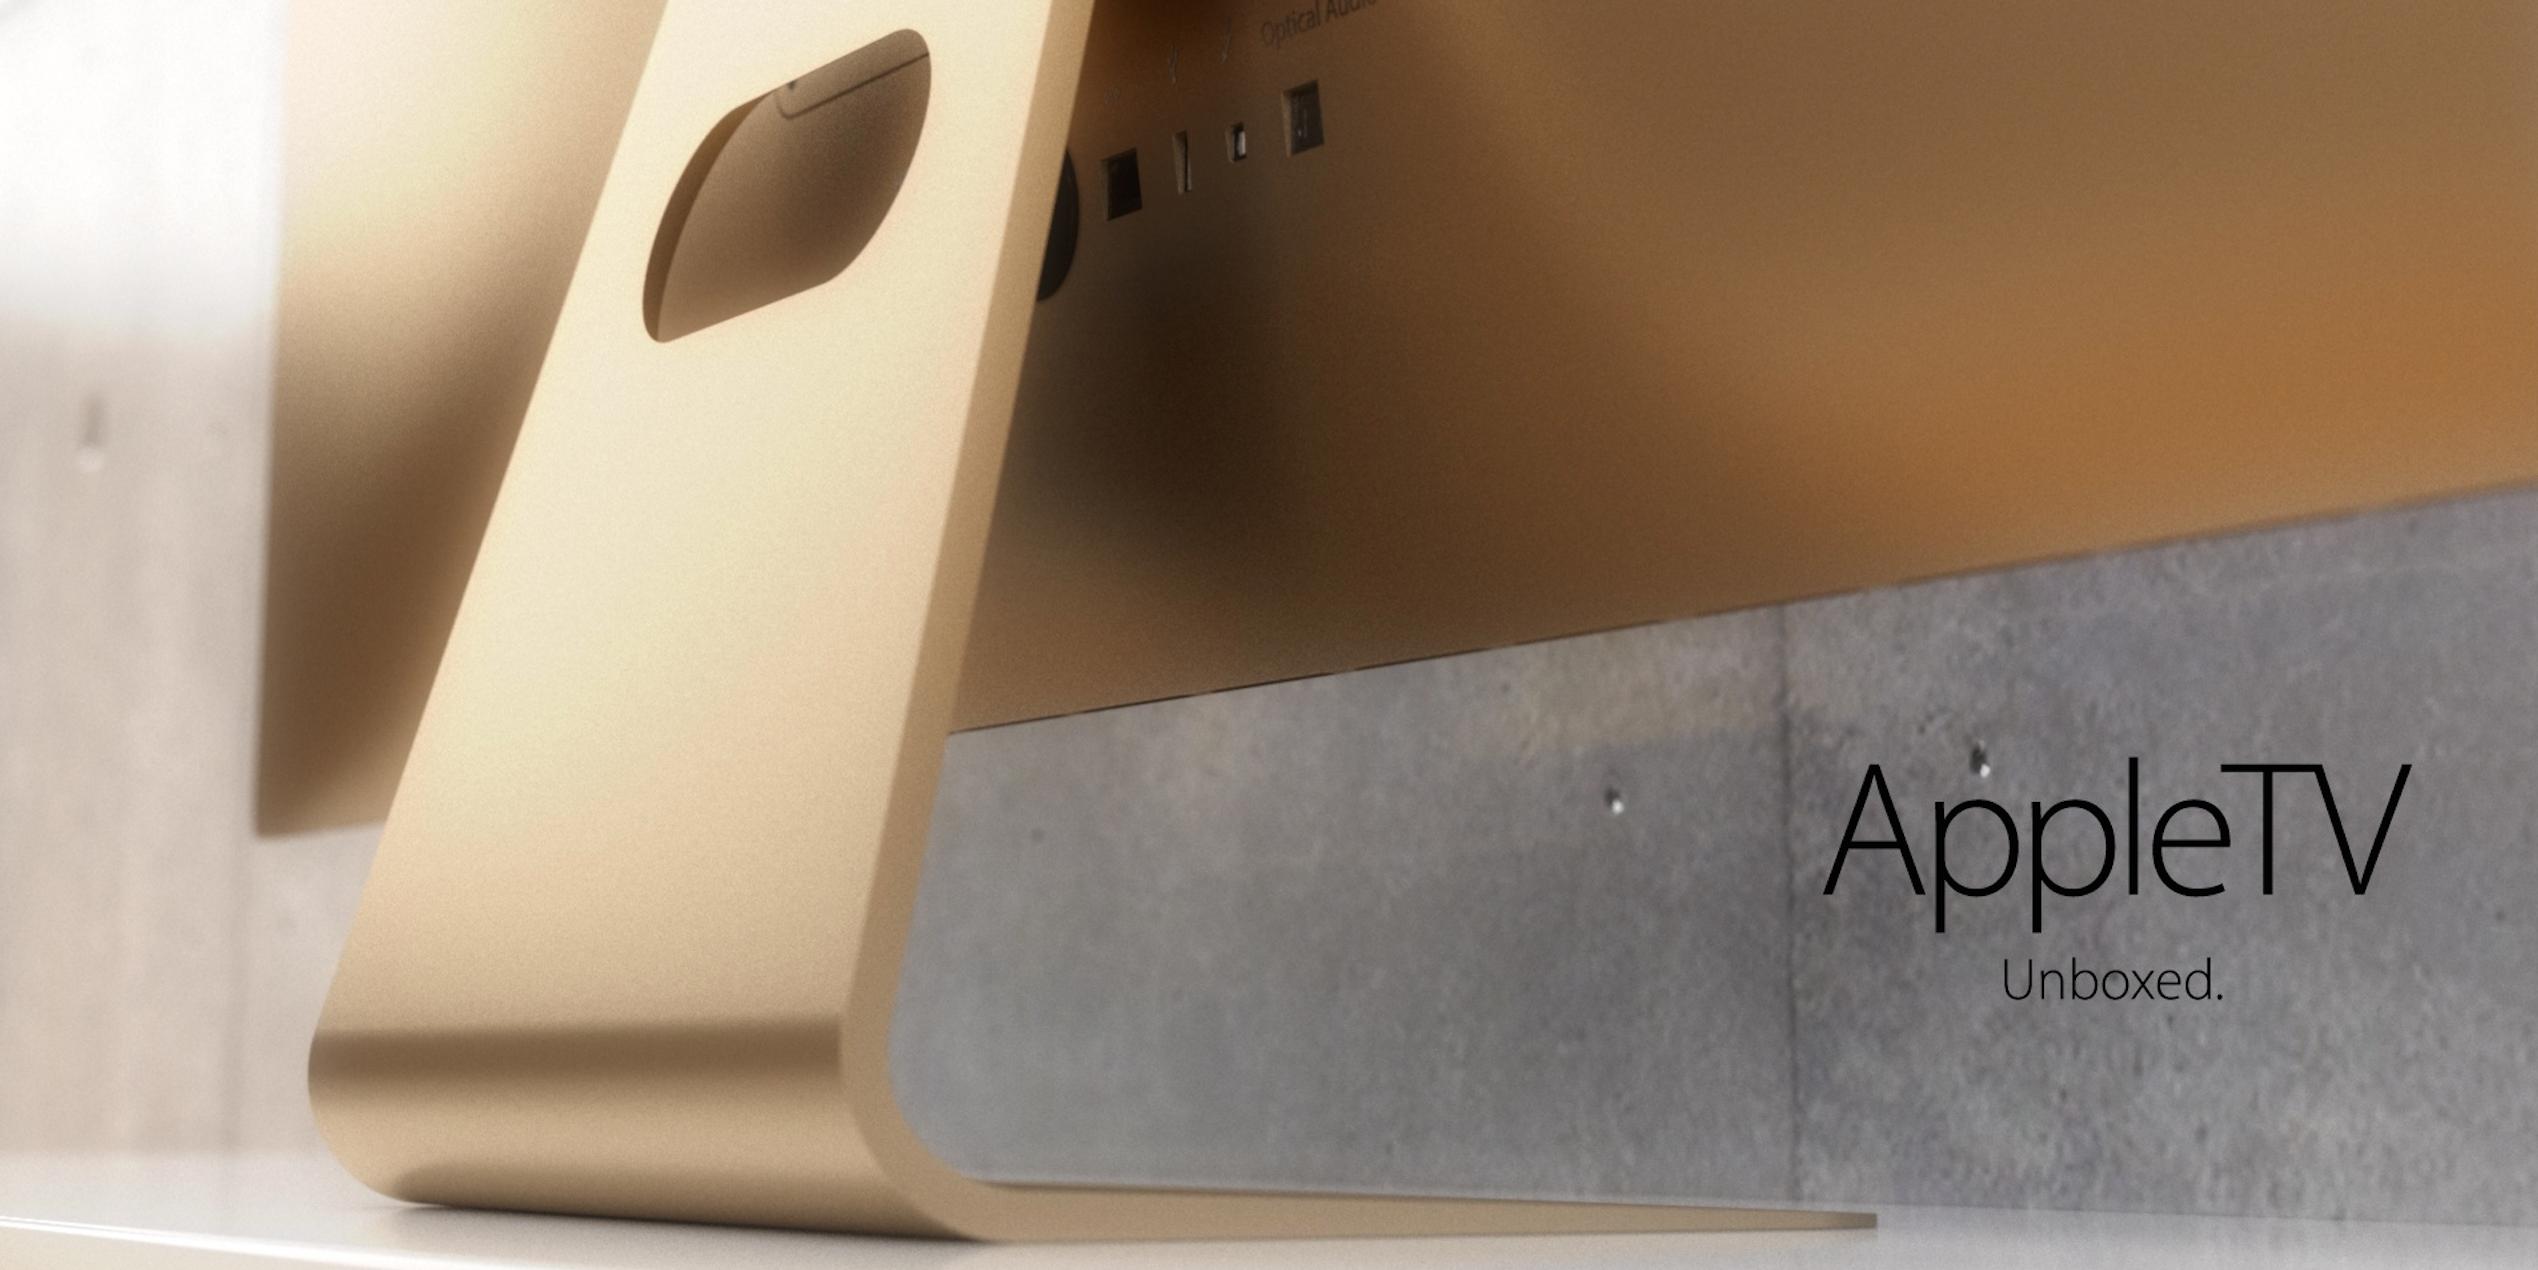 Mój strzał – Apple pokaże dziś jakiś produkt związany z TV